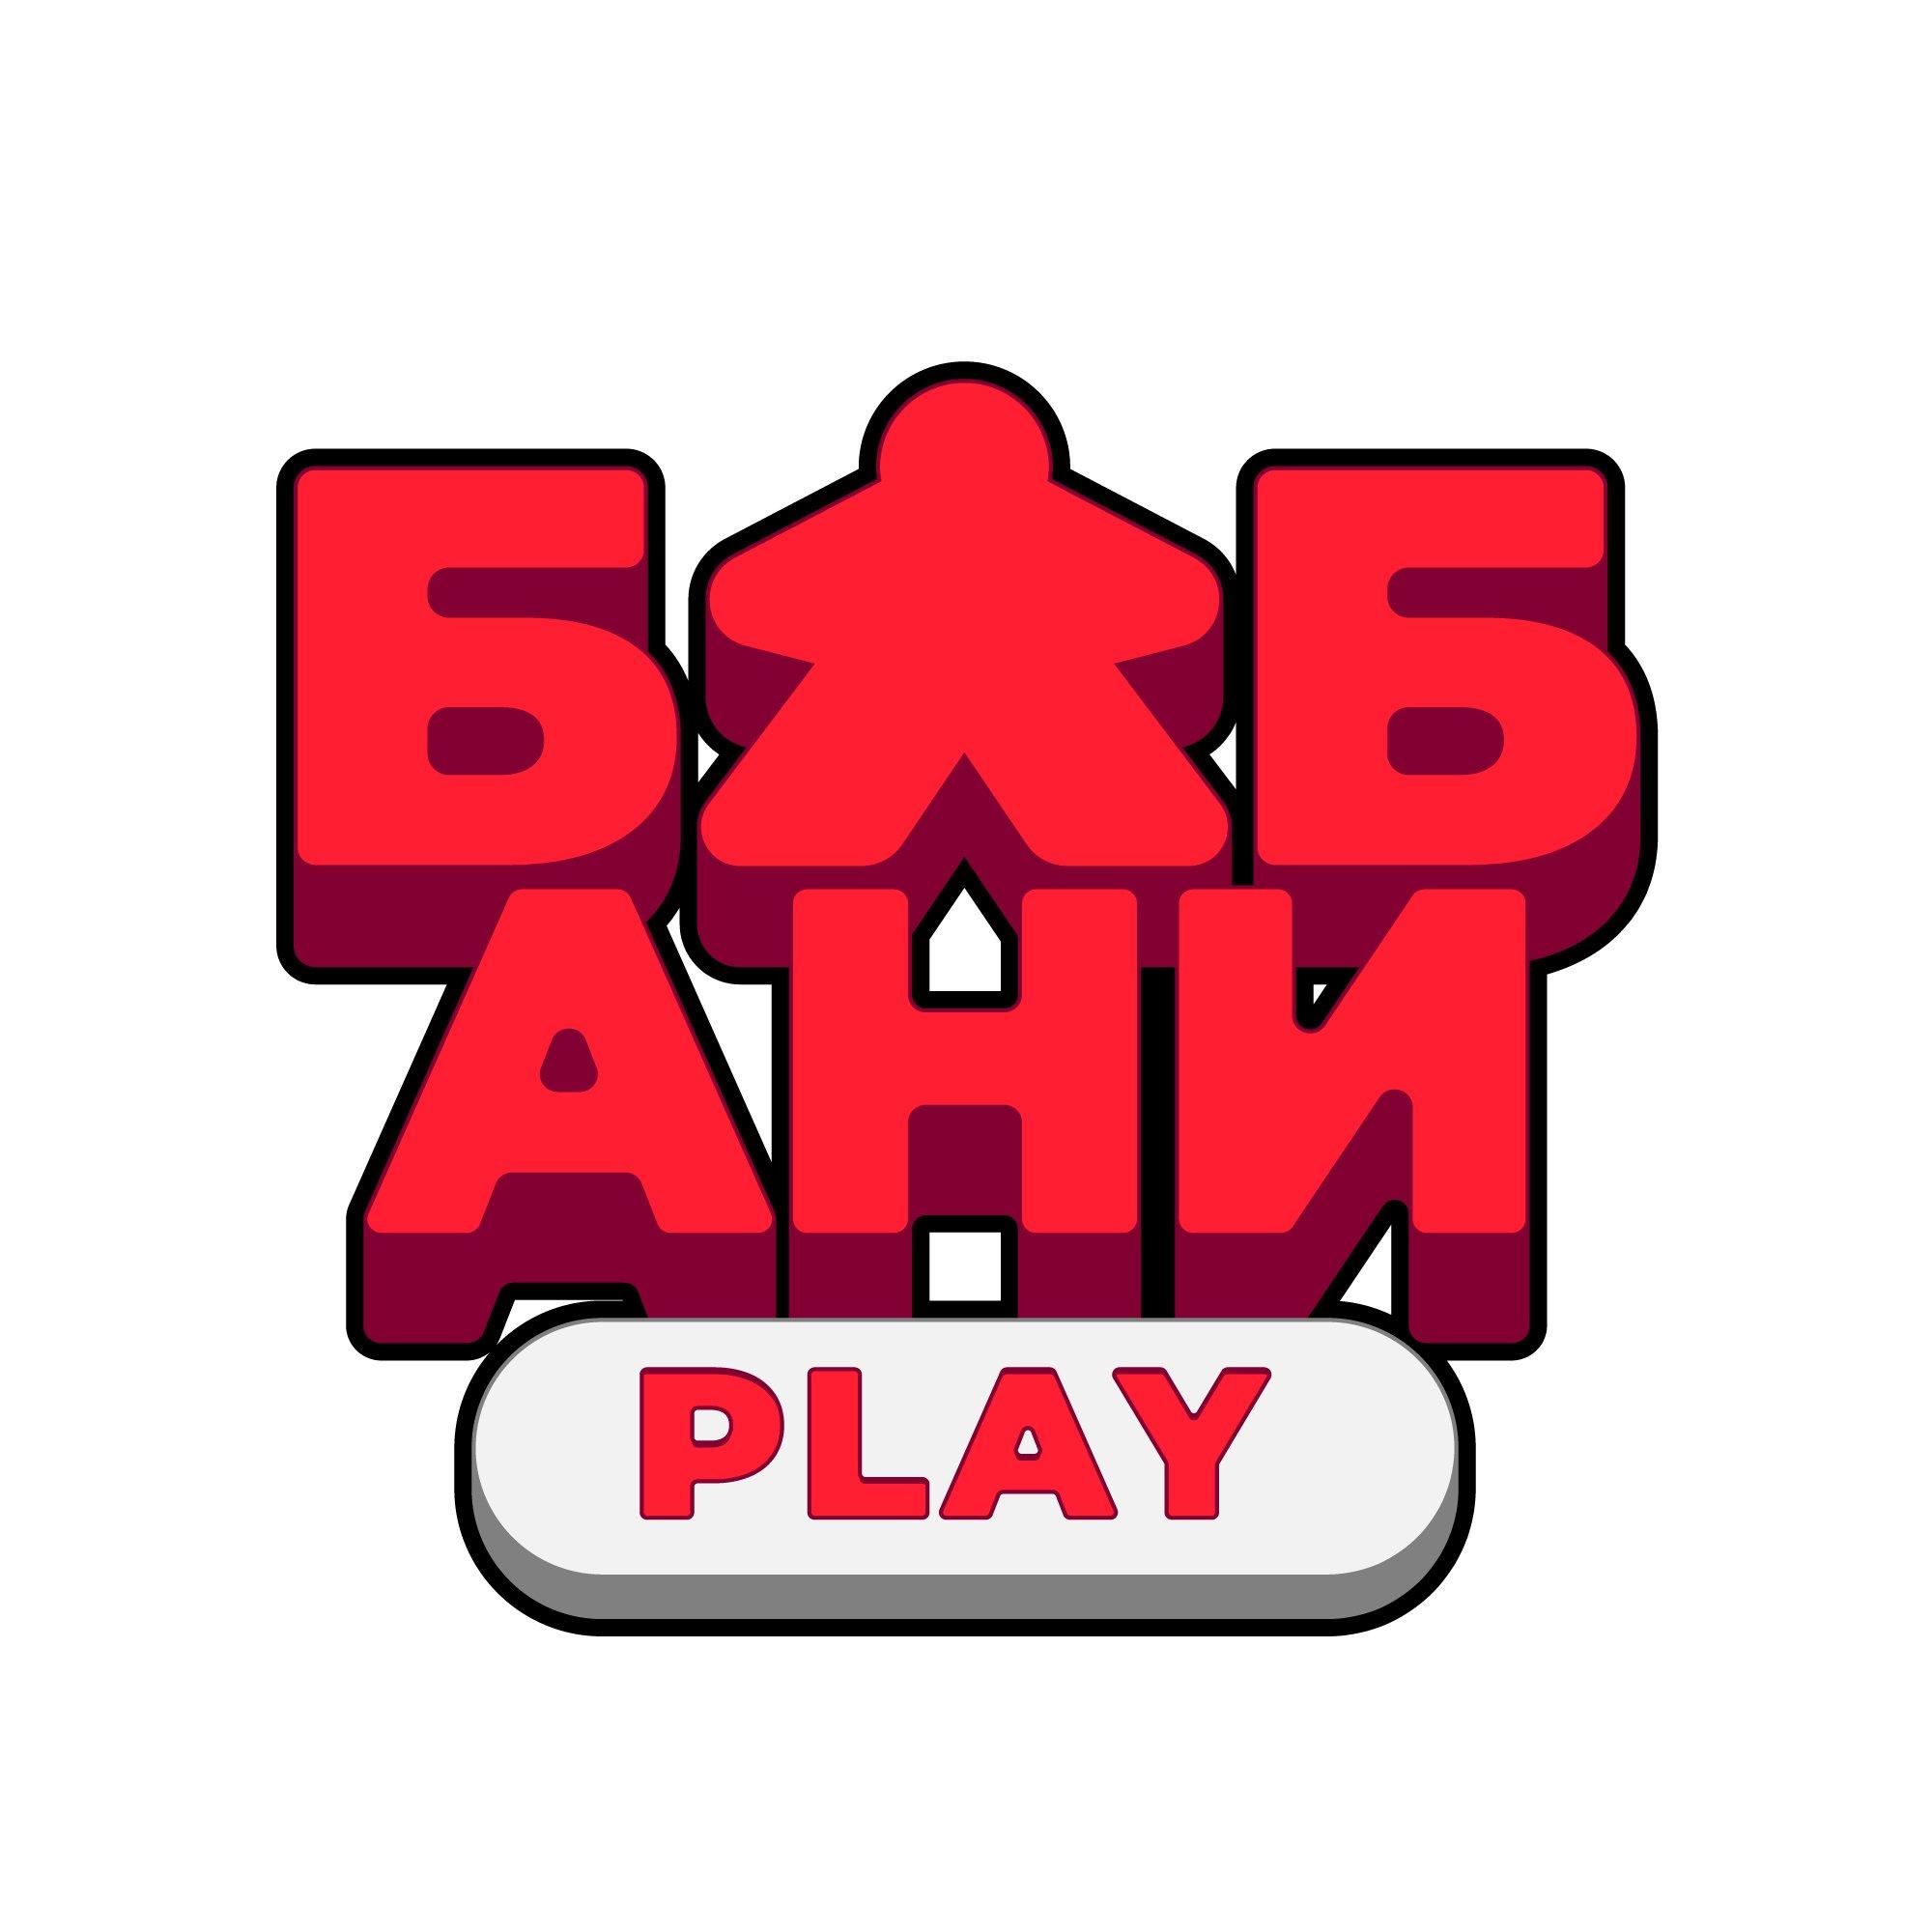 БабАни Play